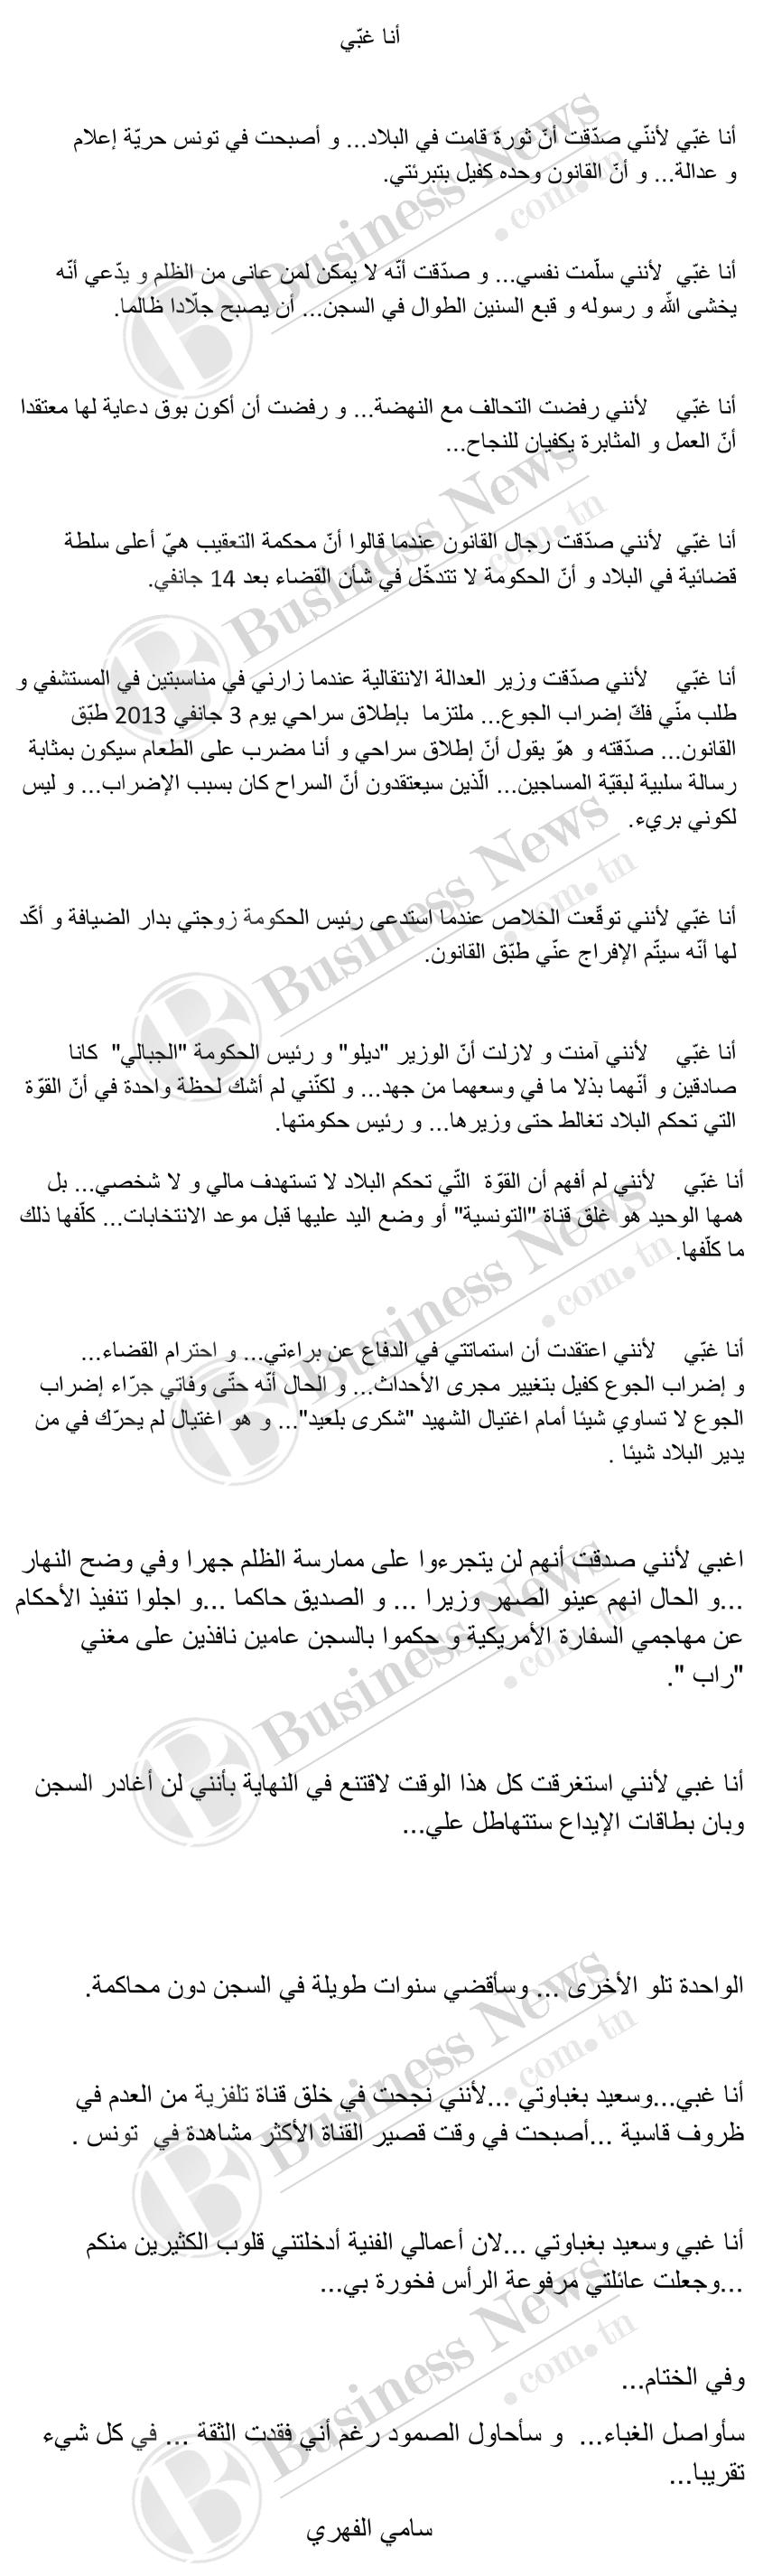 وطني ◄◄◄ رسالة سامي الفهري الرأي العام 18.06.2013 ►►► BN10674lettre-sami-f